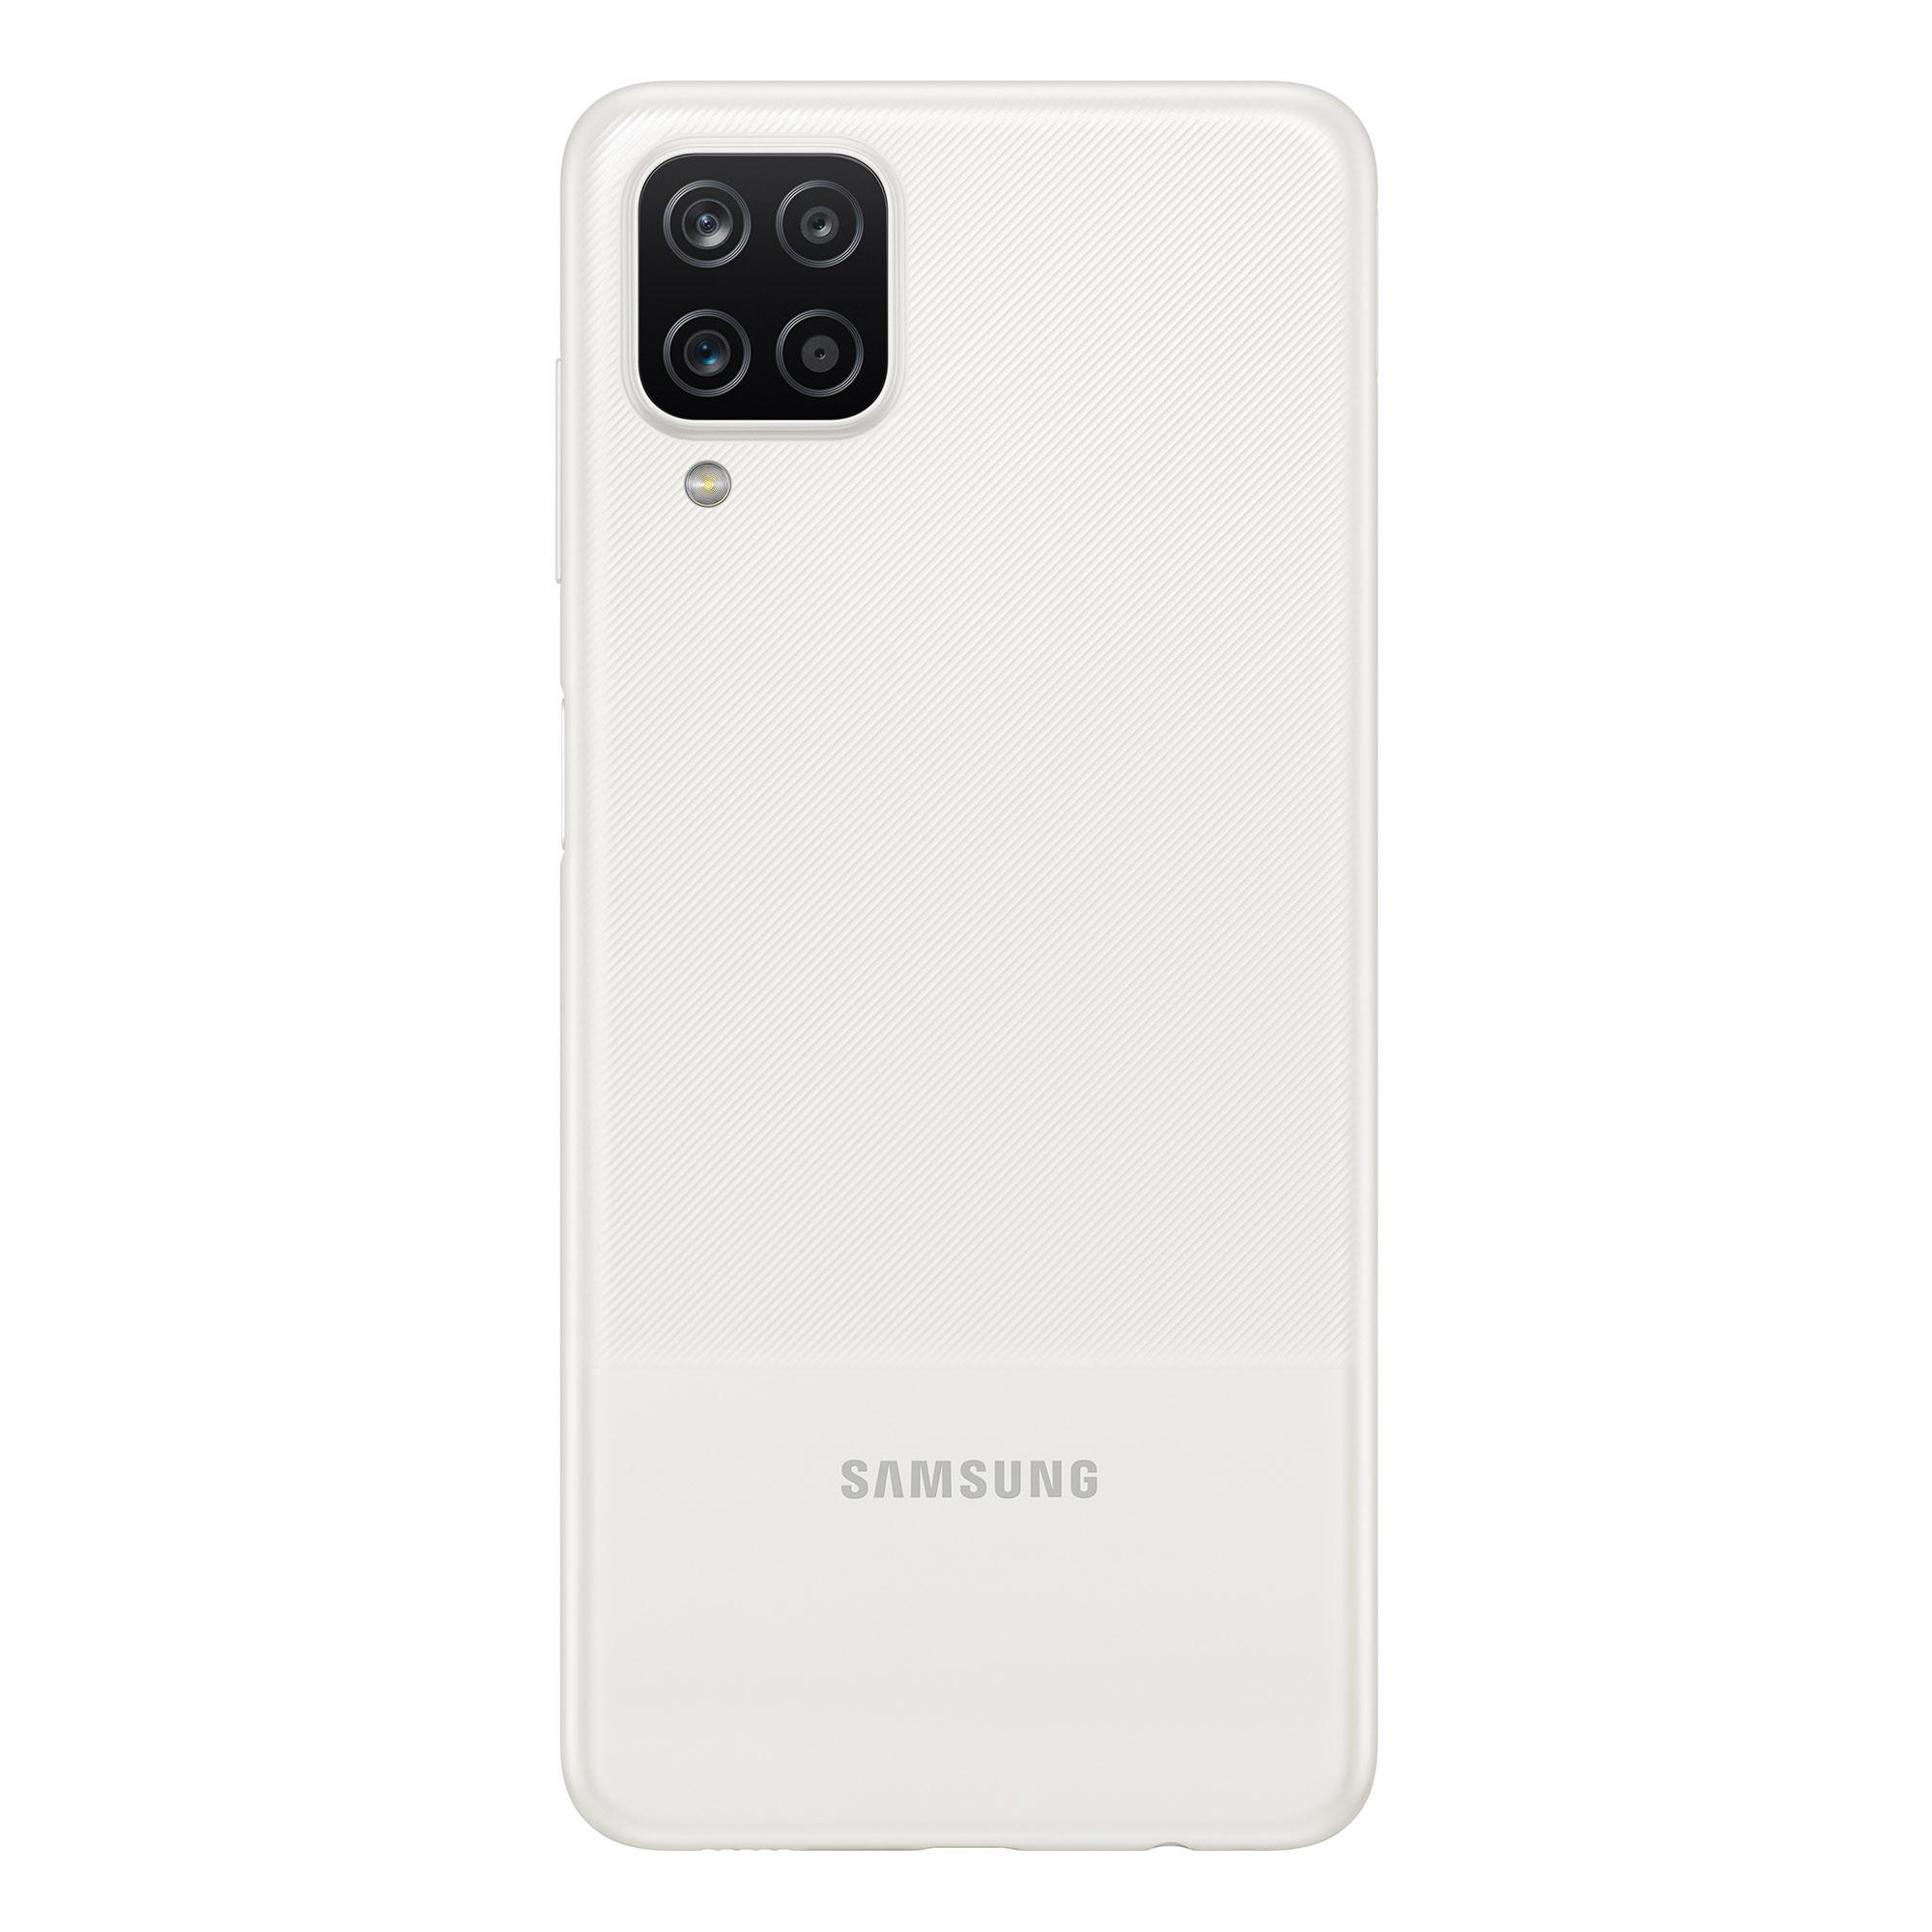 Gelişmiş Teknolojisi ile Samsung Galaxy A12 Duos 64 GB Cep Telefonu